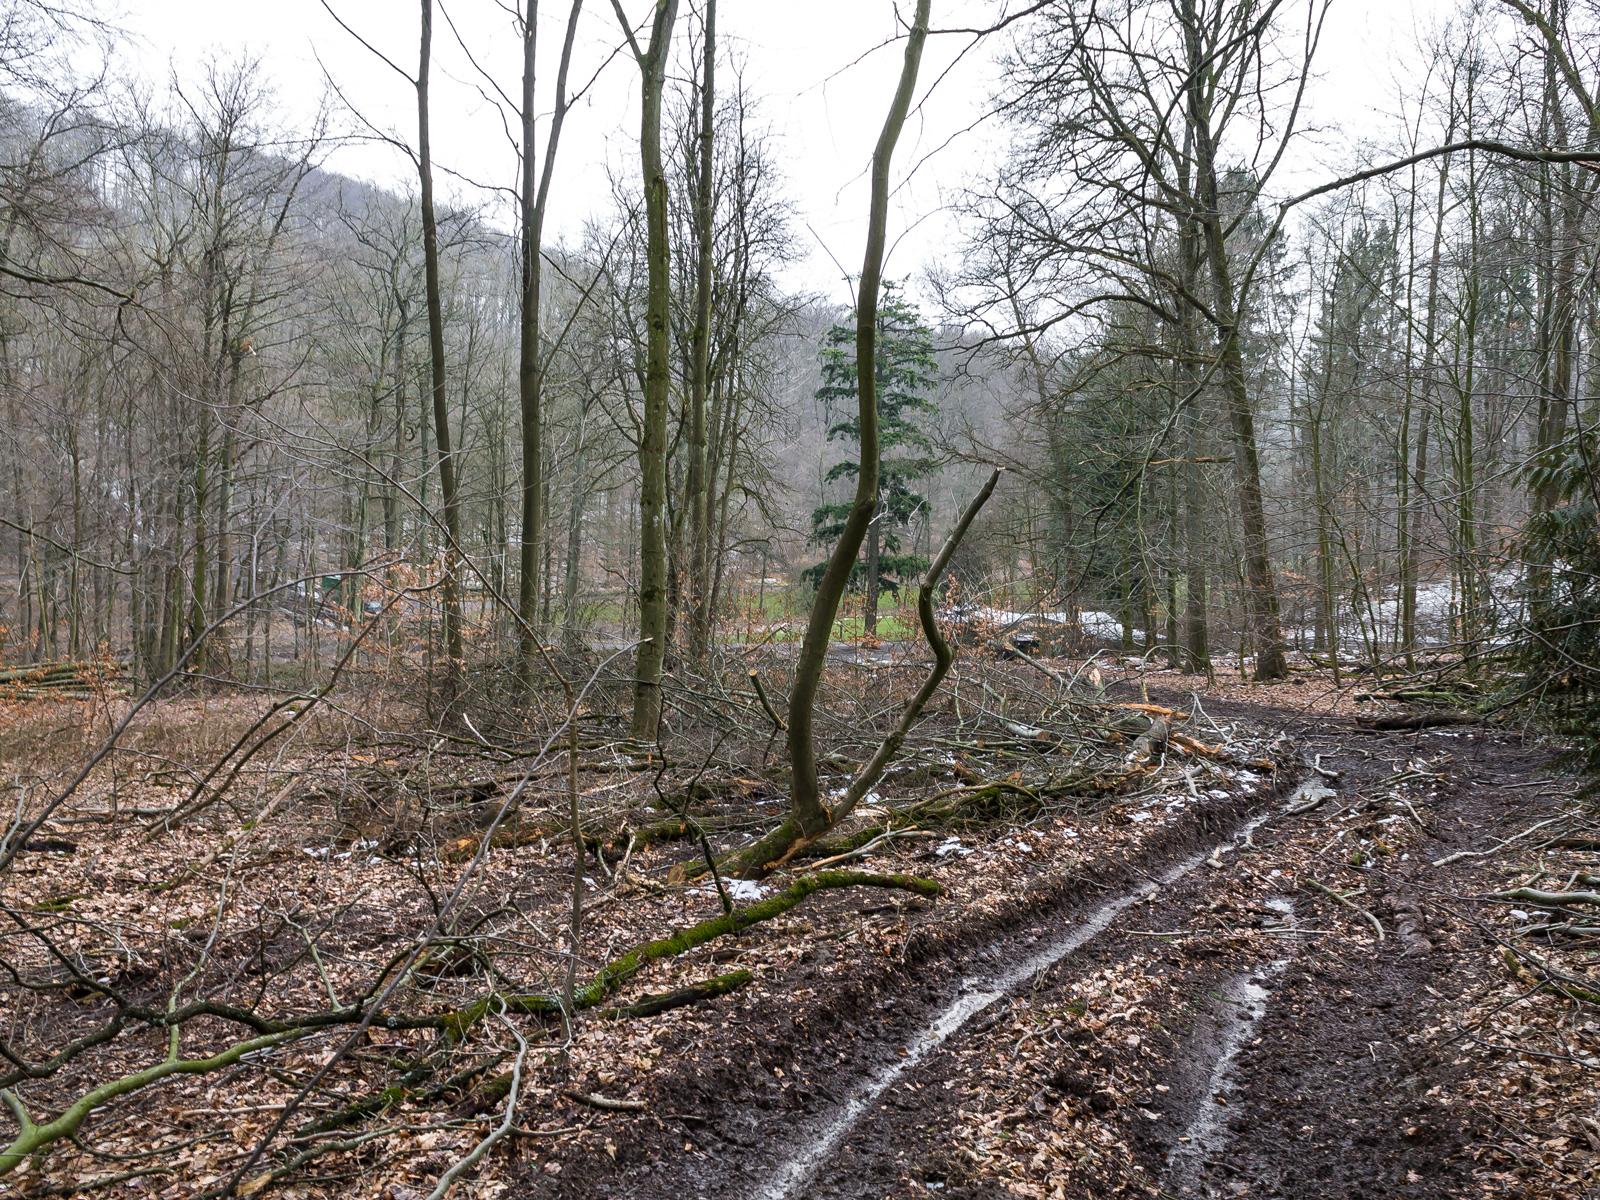 Forstweg mit tiefen Bodengleisen